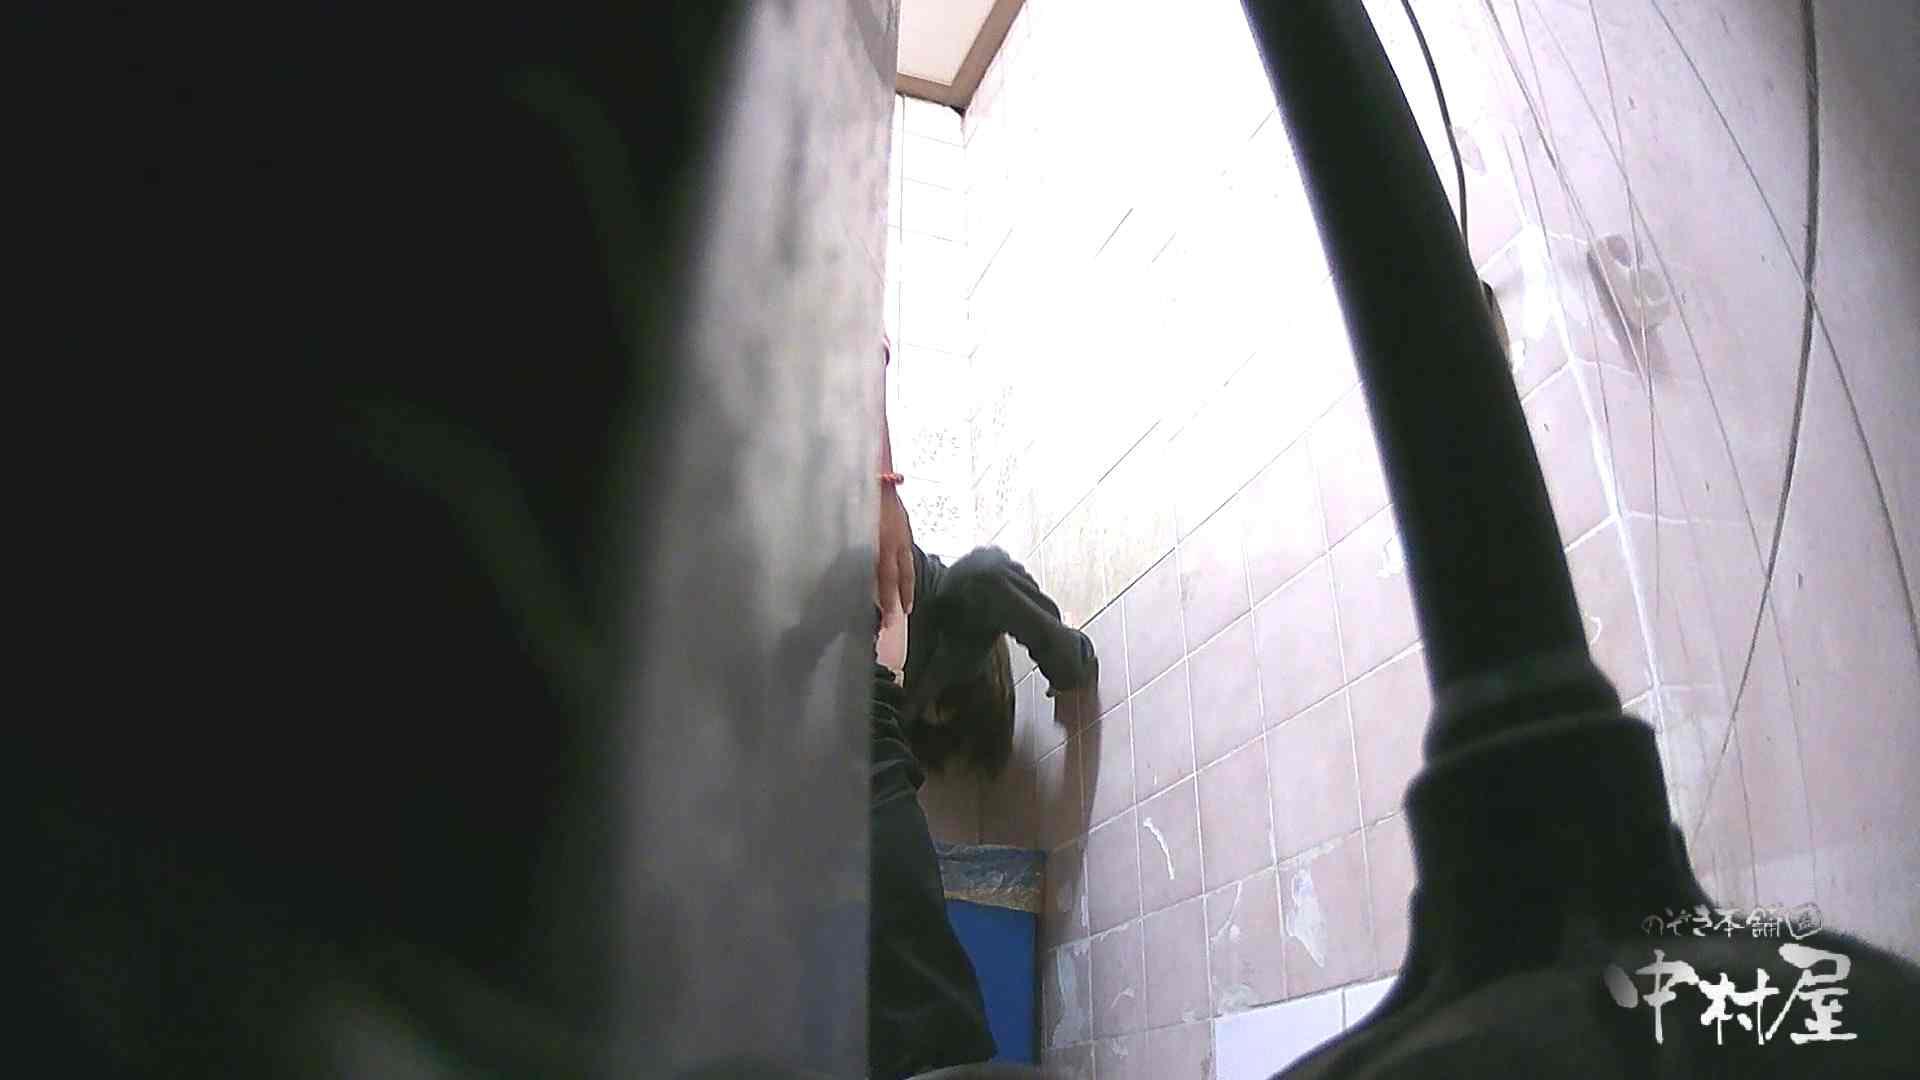 韓流トイレ盗撮vol.10 トイレ | カップル映像 盗撮 79PIX 69